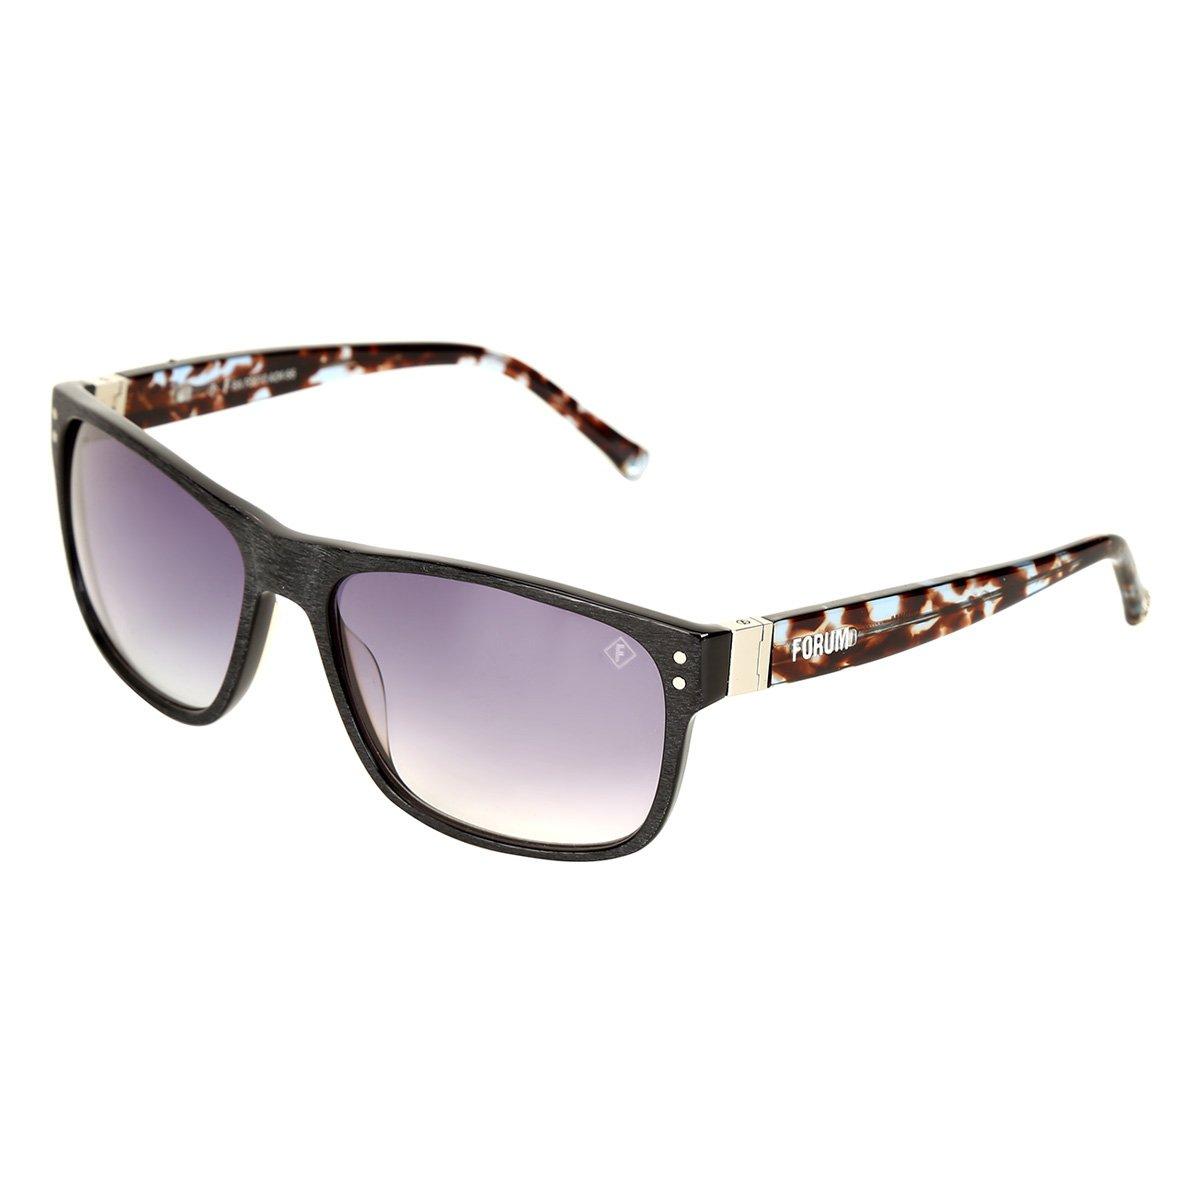 Óculos   Livelo -Sua Vida com Mais Recompensas 8a7d253519